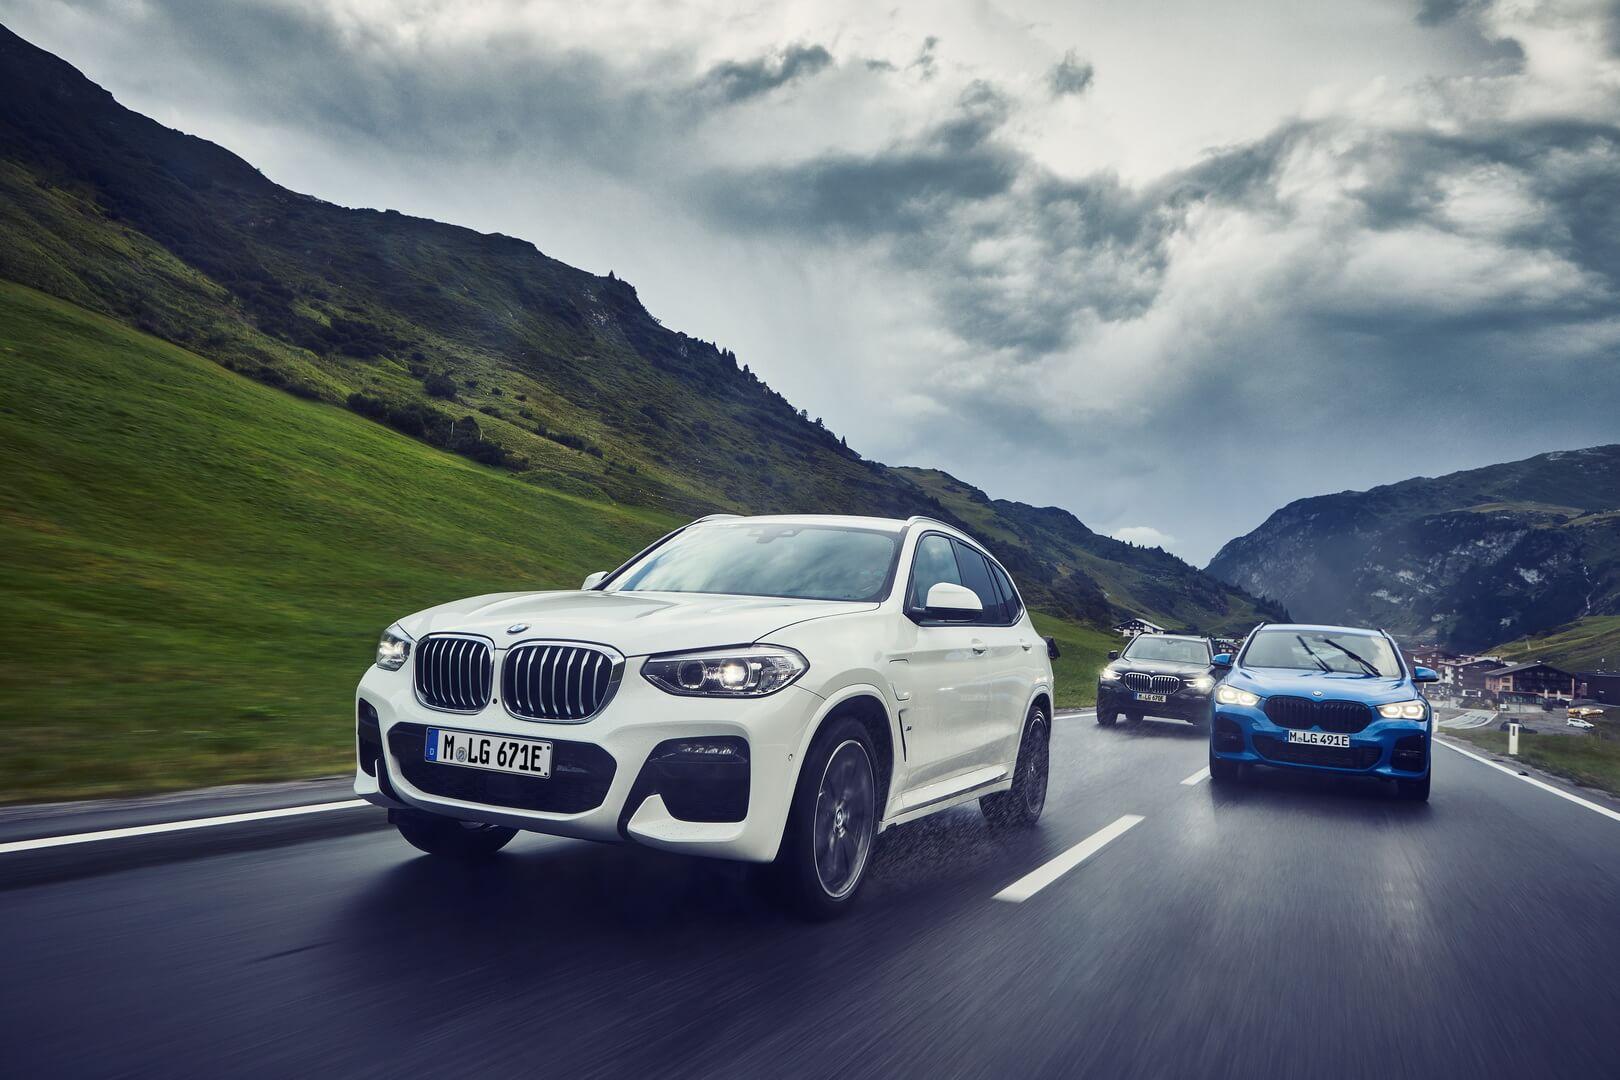 Плагин-гибрид BMW X1 xDrive25e получил запас хода до 50 км